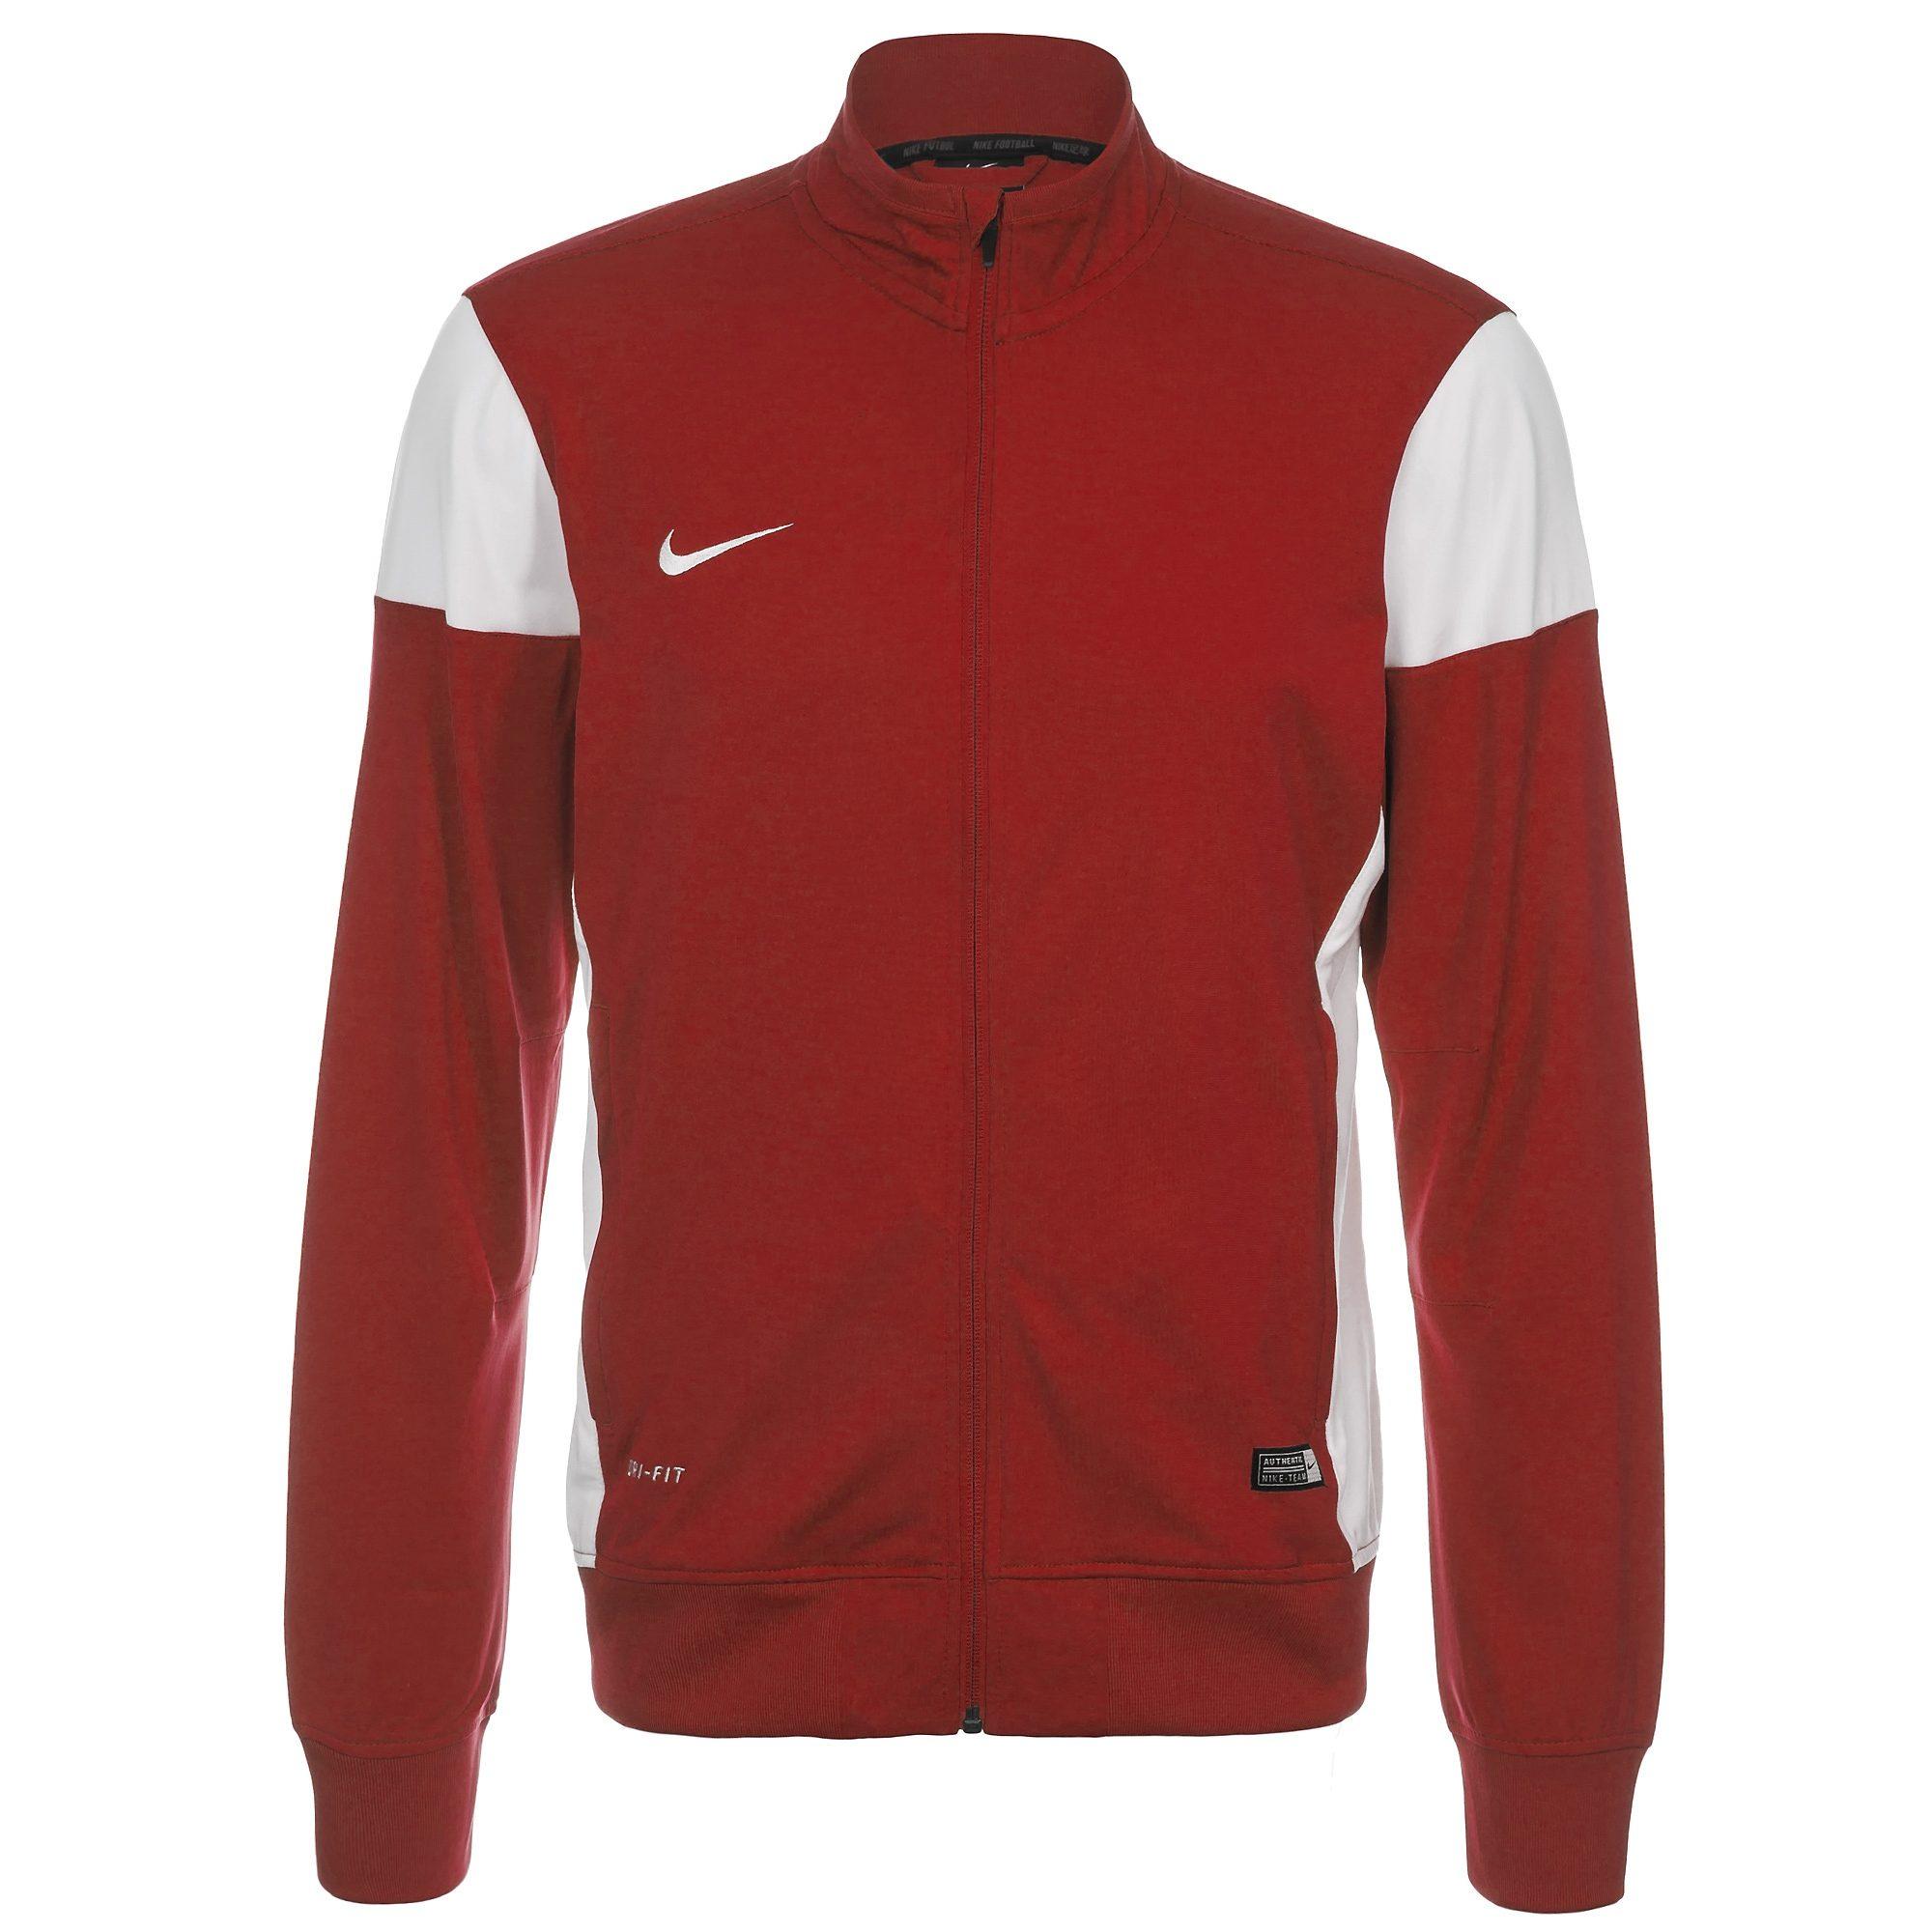 Nike und Adidas Jacken zwischen 15€ und 30€